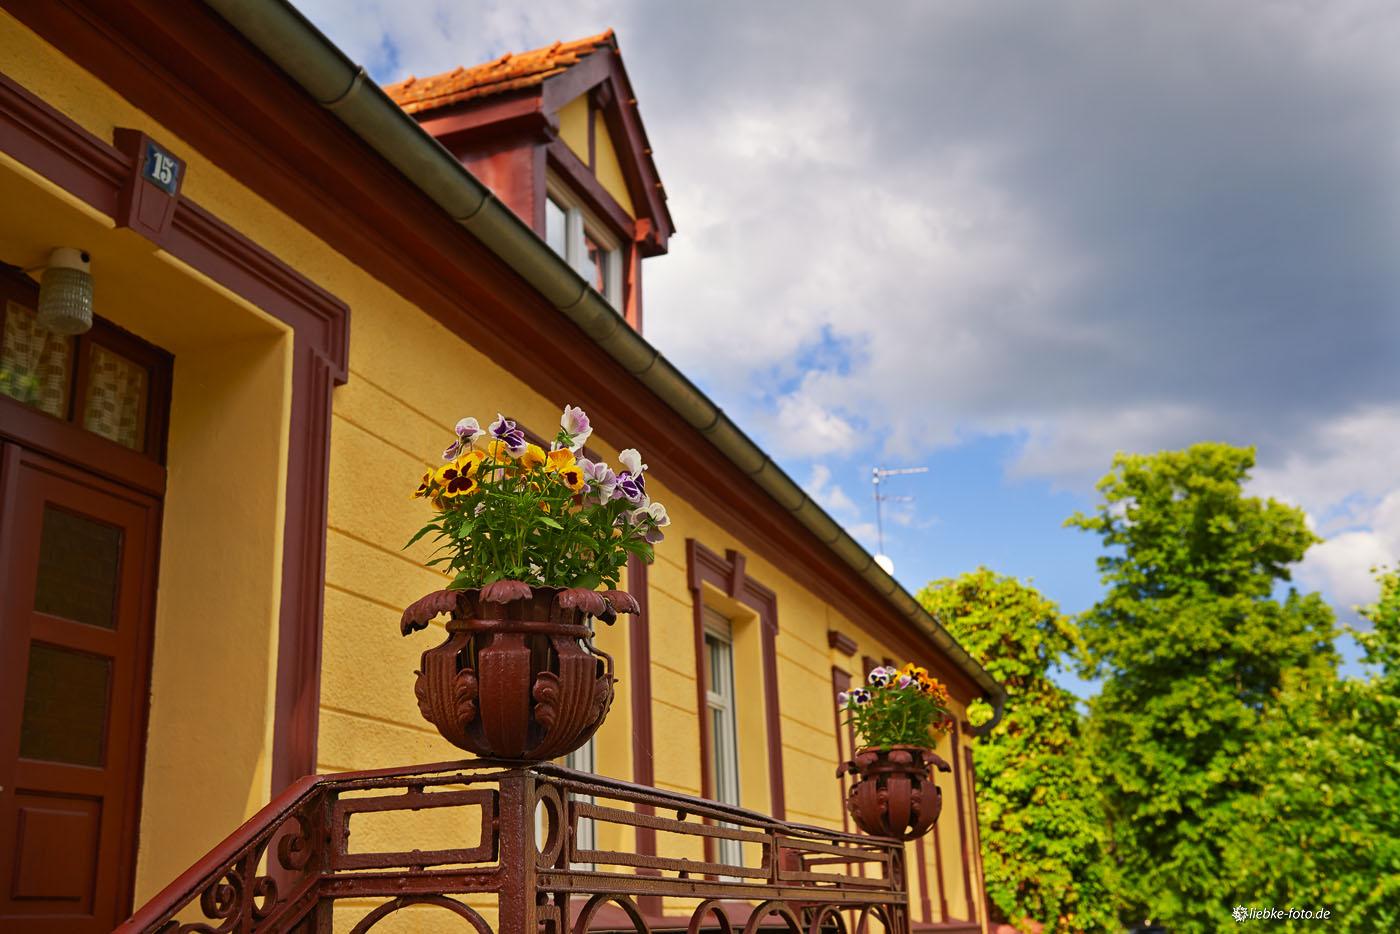 Schöne Details an den Häusern